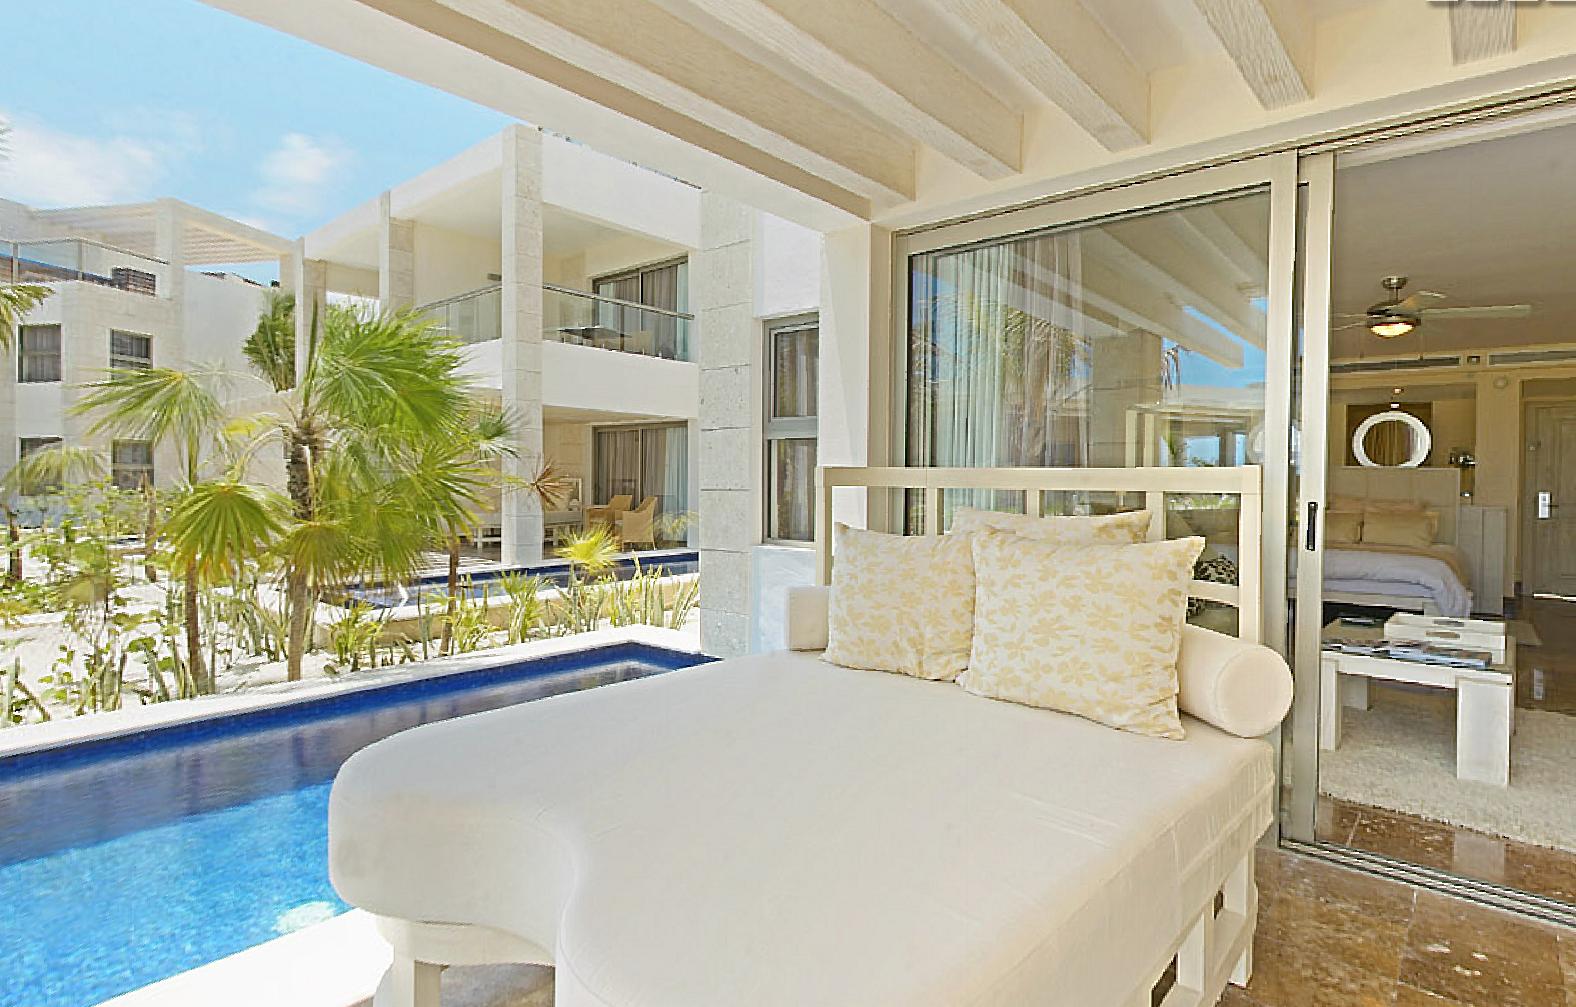 La Amada Hotel, no Mexico. Foto: Site do Hotel